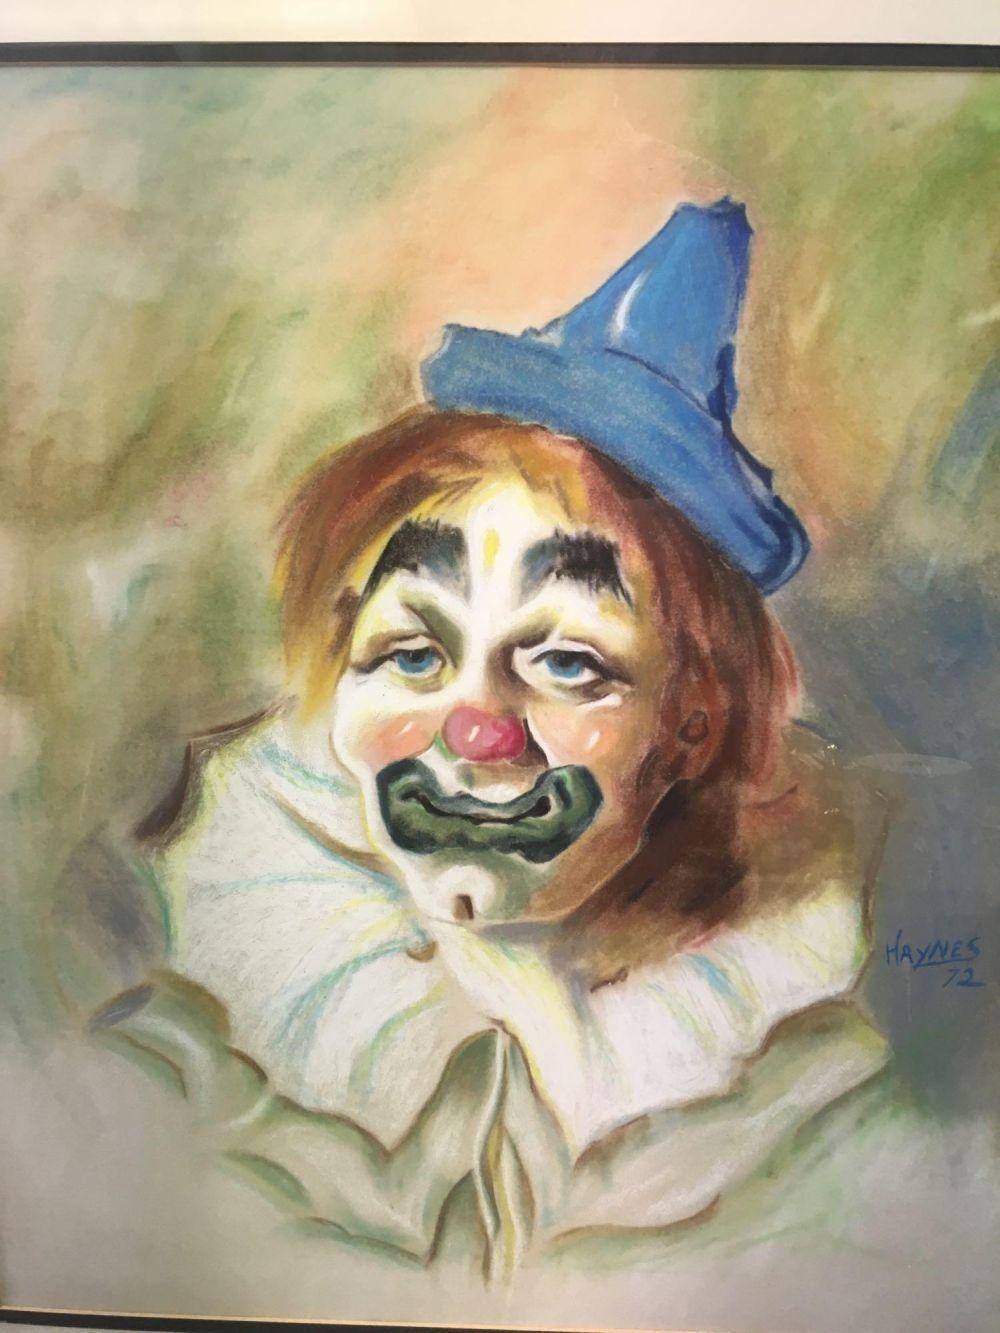 Lot 791: Vintage Original Chalk Pastel Art Clown Portrait Signed Haynes